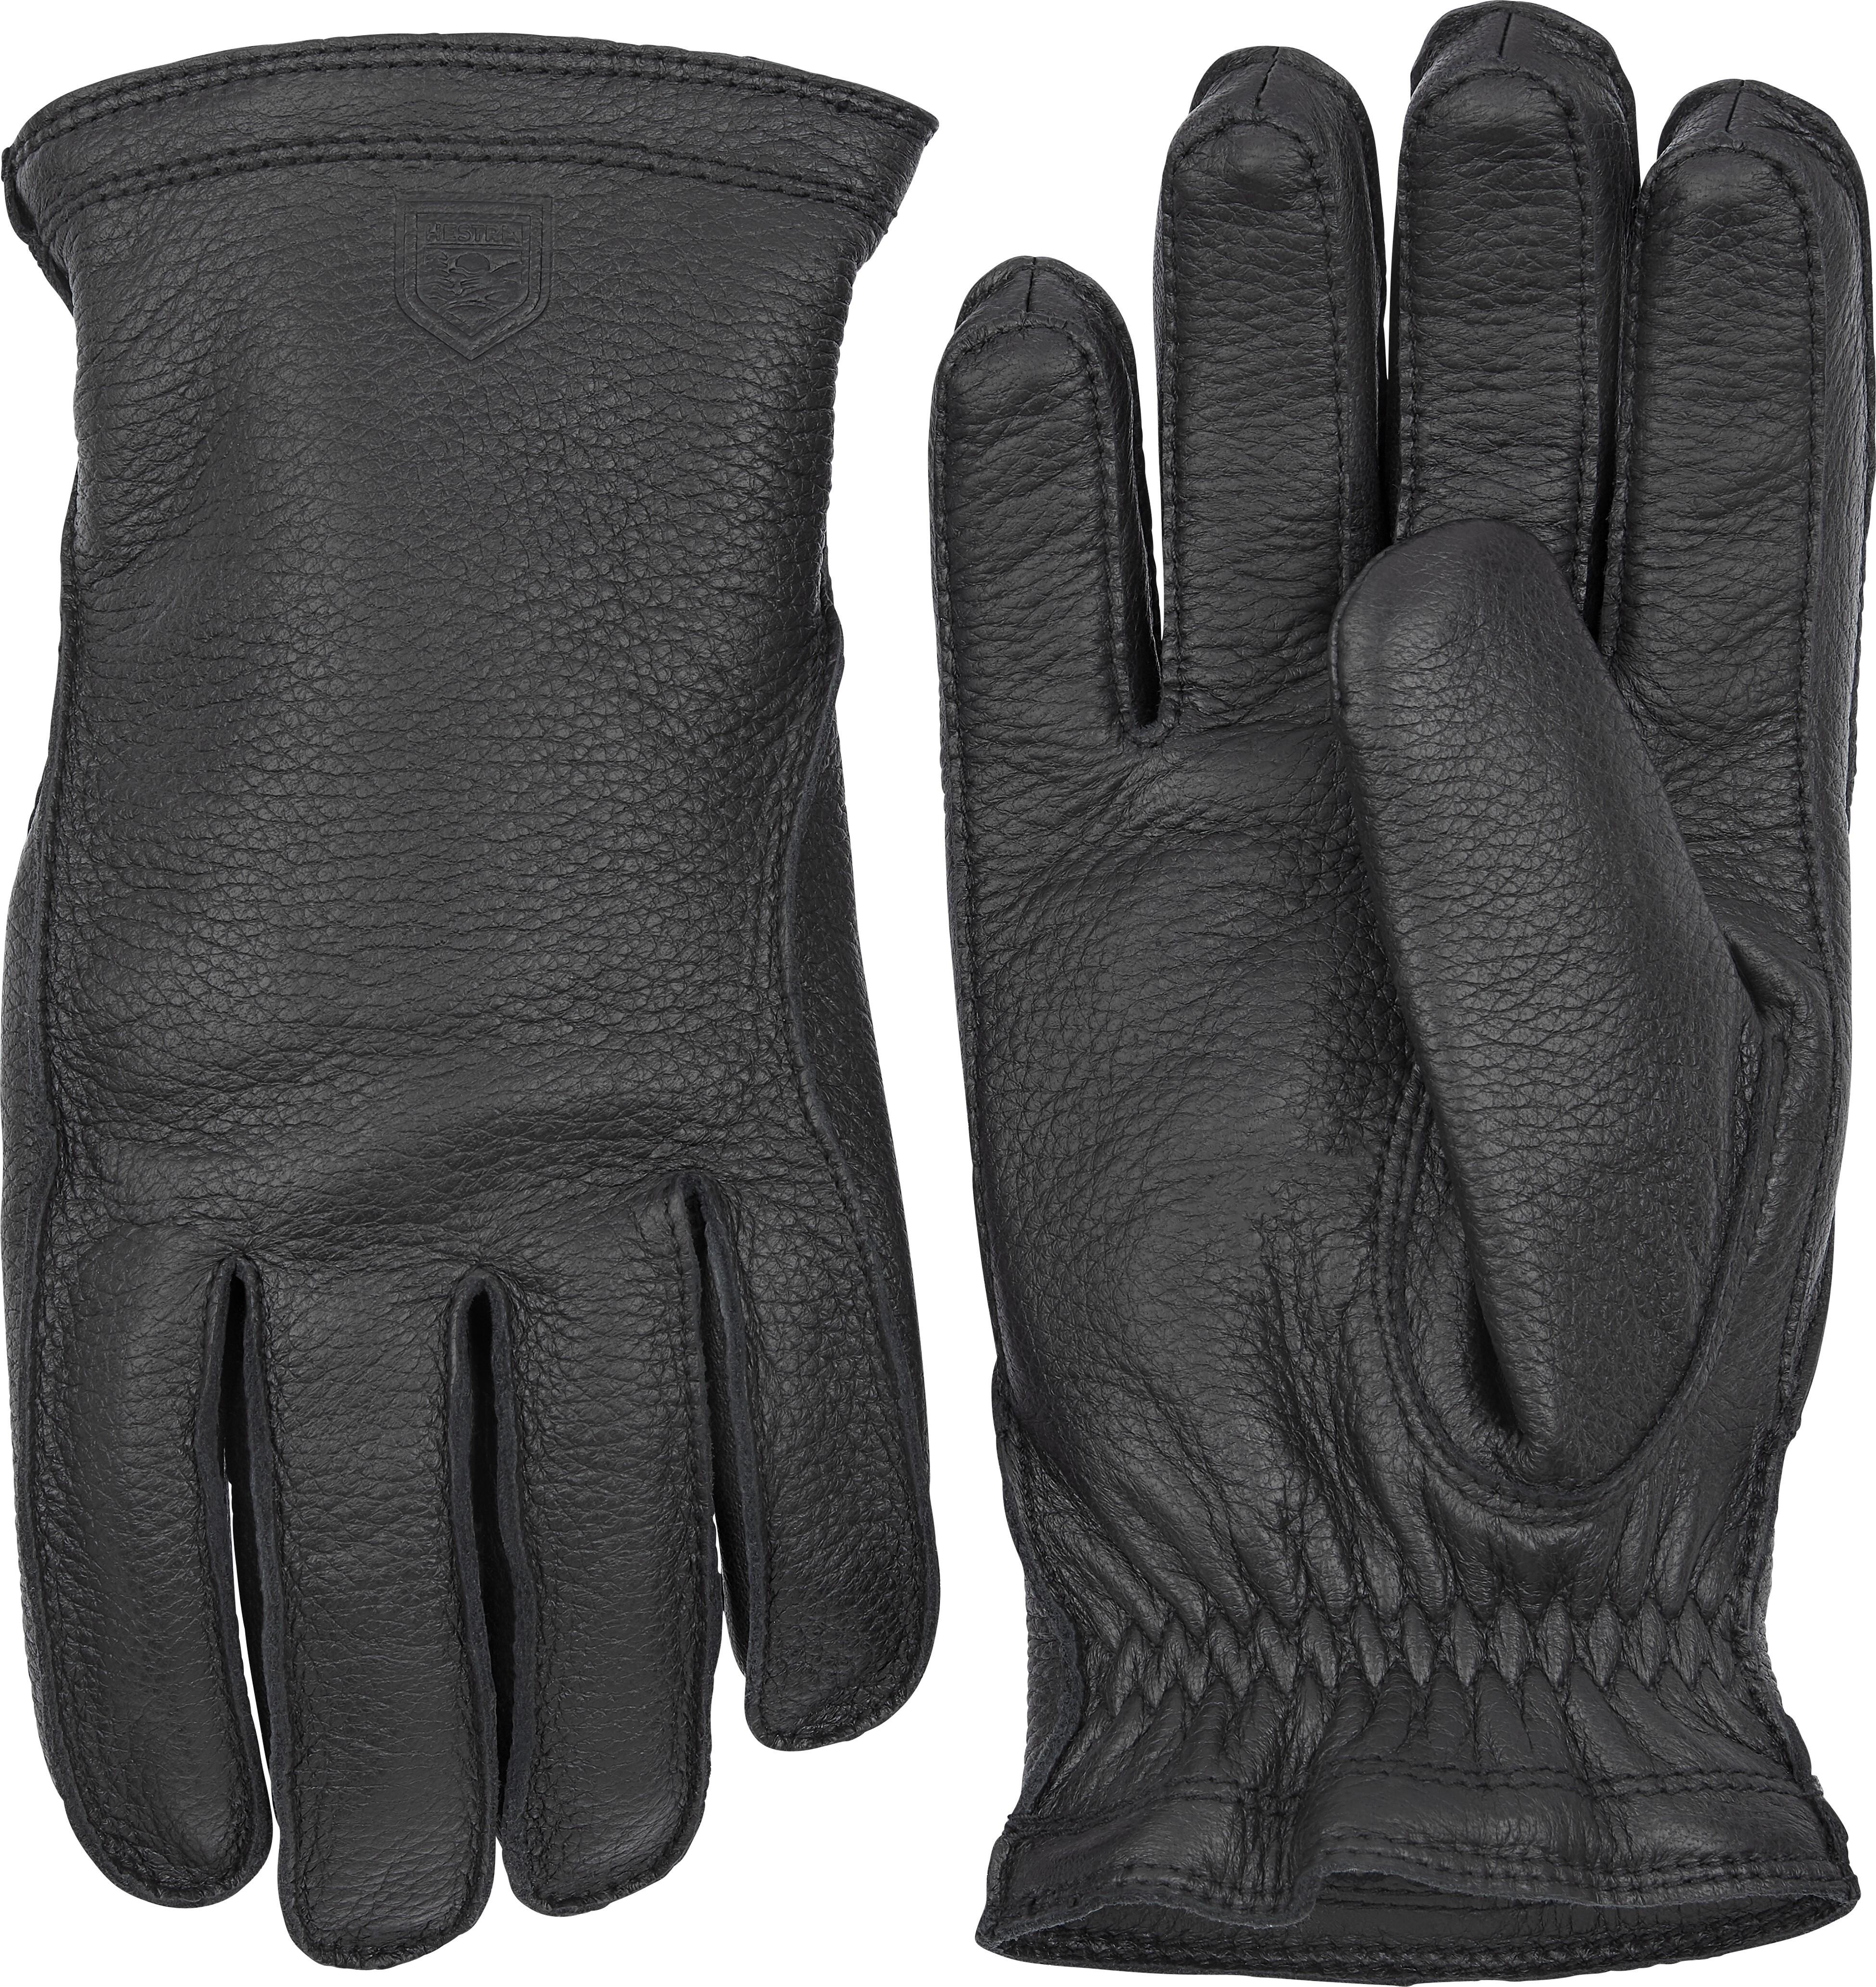 HESTRA Malte Handschuhe Damen Espresso 2020 Outdoor Handschuhe